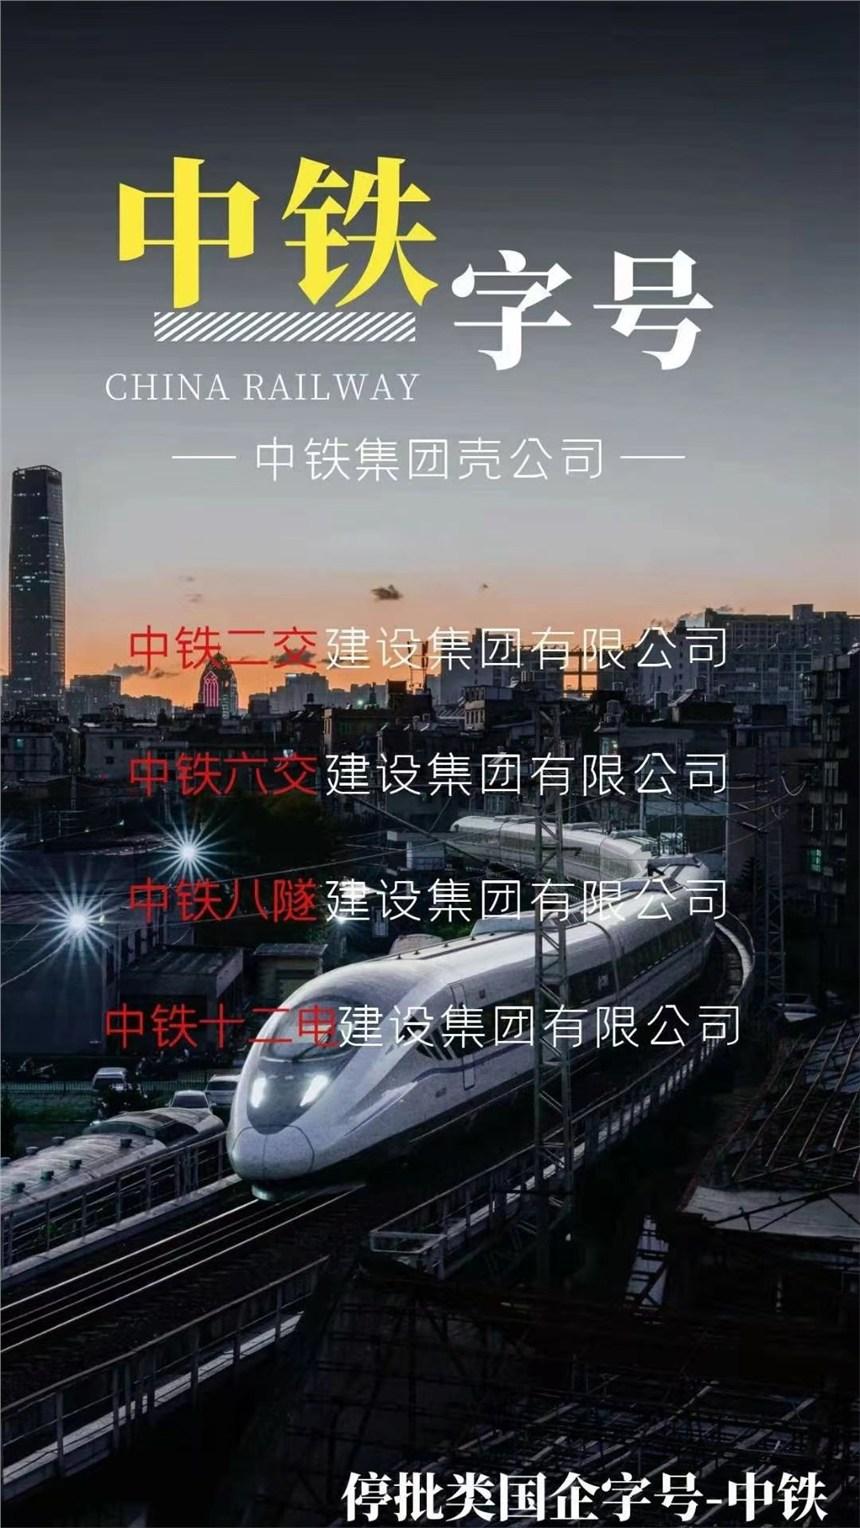 轉讓海南中鐵建設集團有限公司